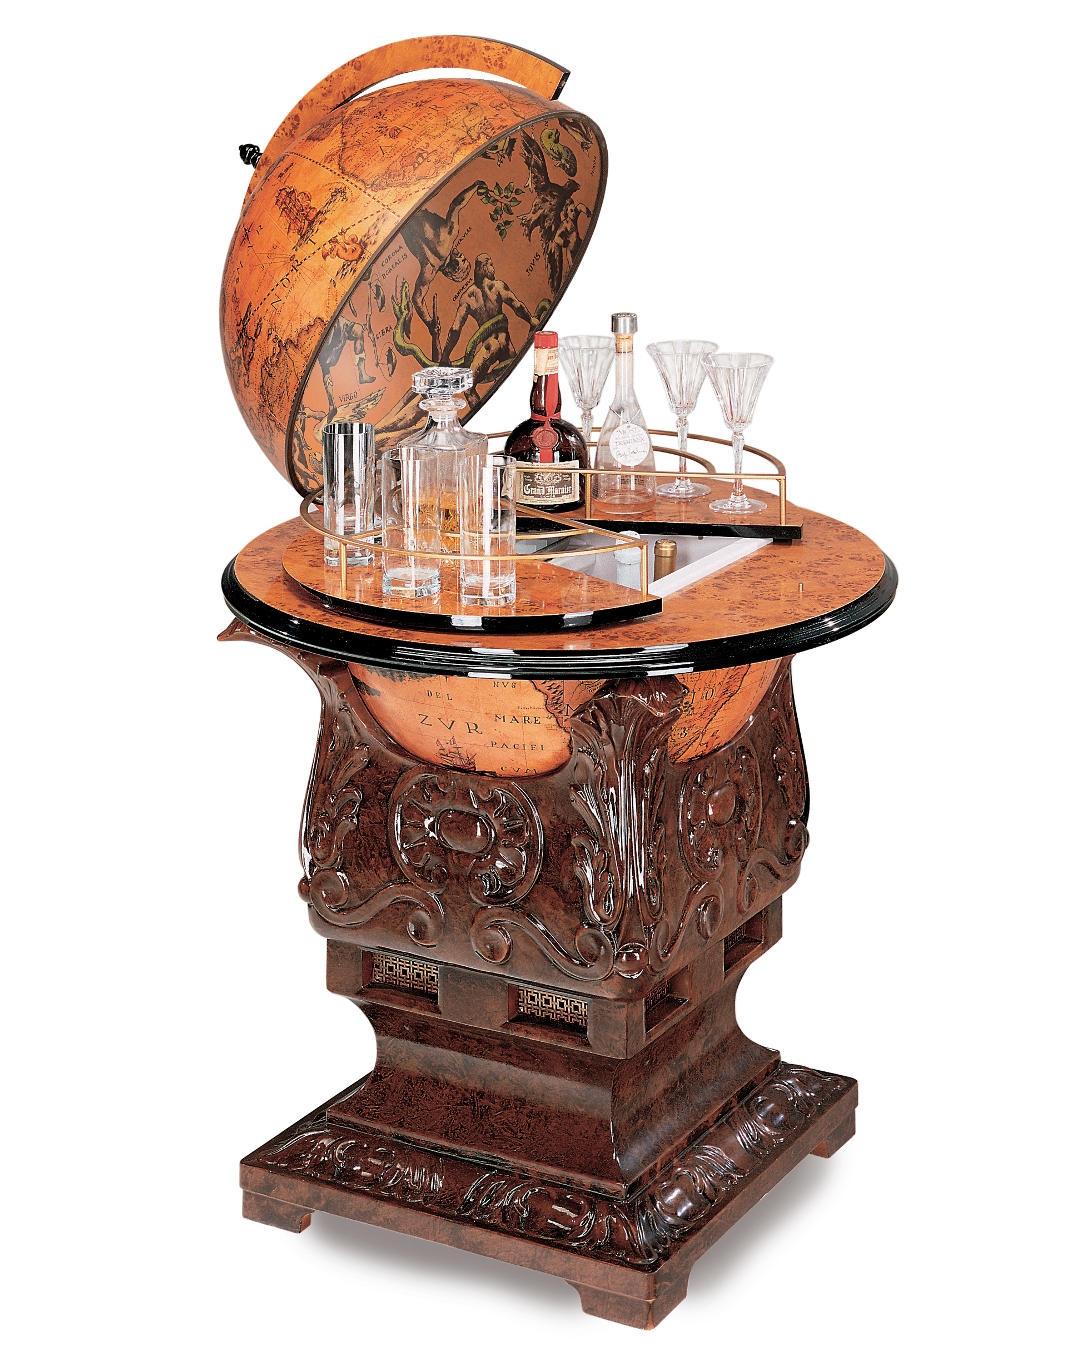 Poseidone Bar Globes